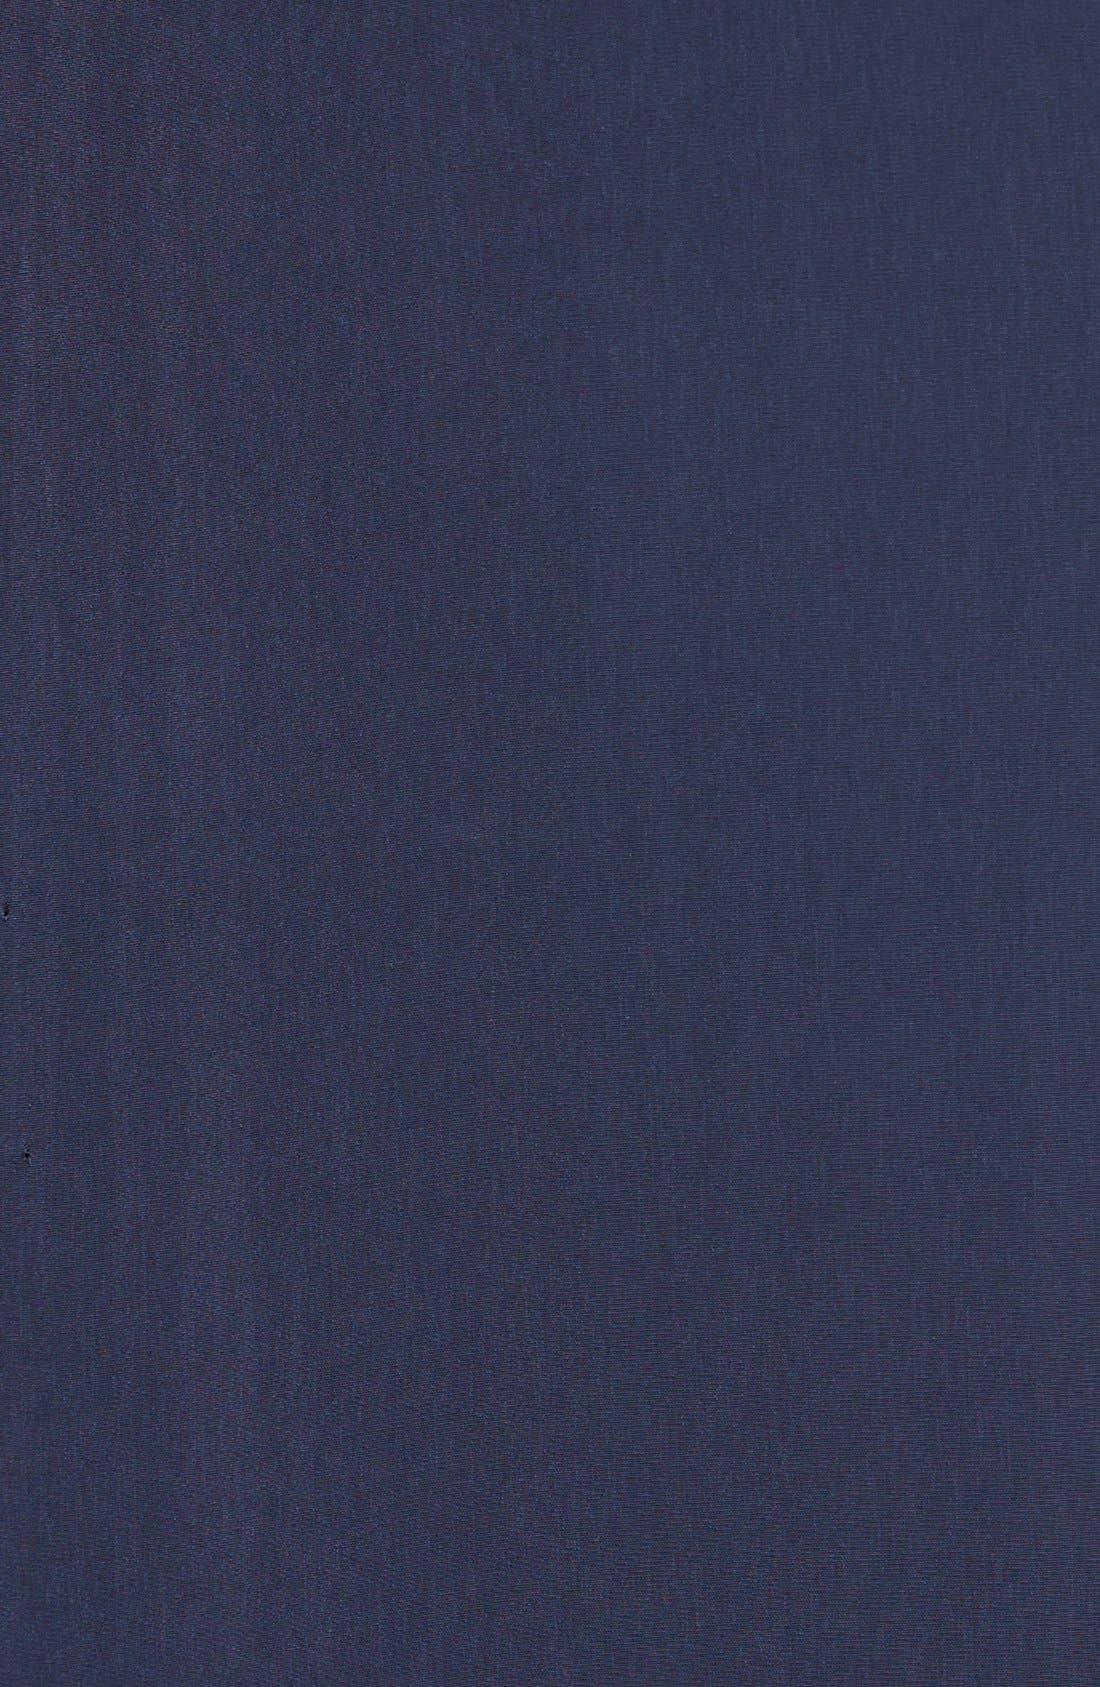 Alternate Image 3  - Tildon Side Slit Maxi Skirt